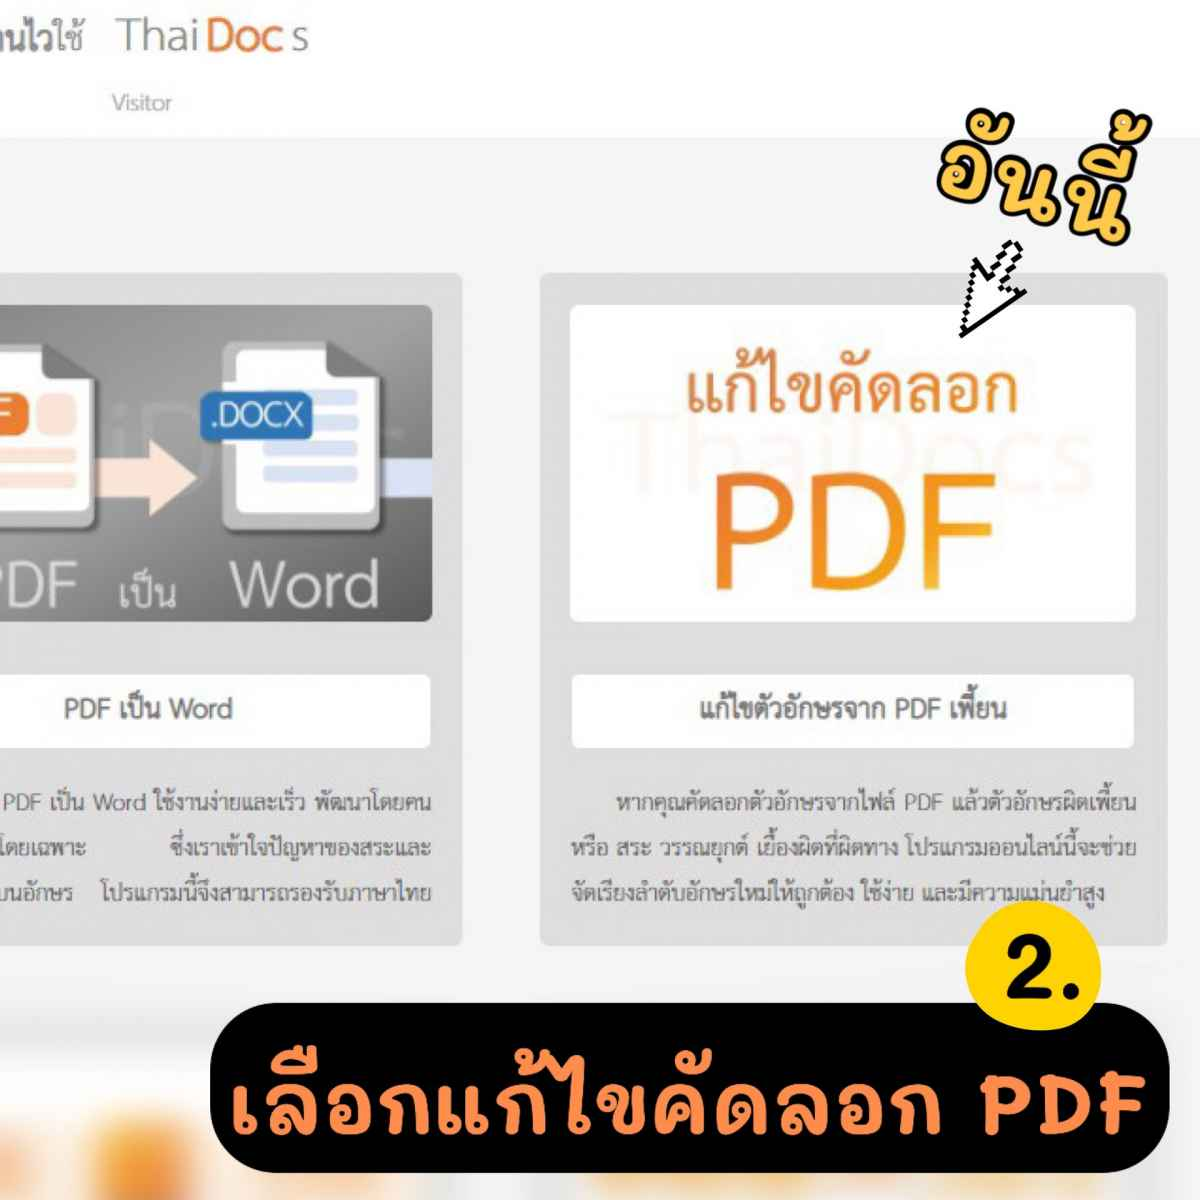 แก้ตัวอักษรจาก PDF เพี้ยน